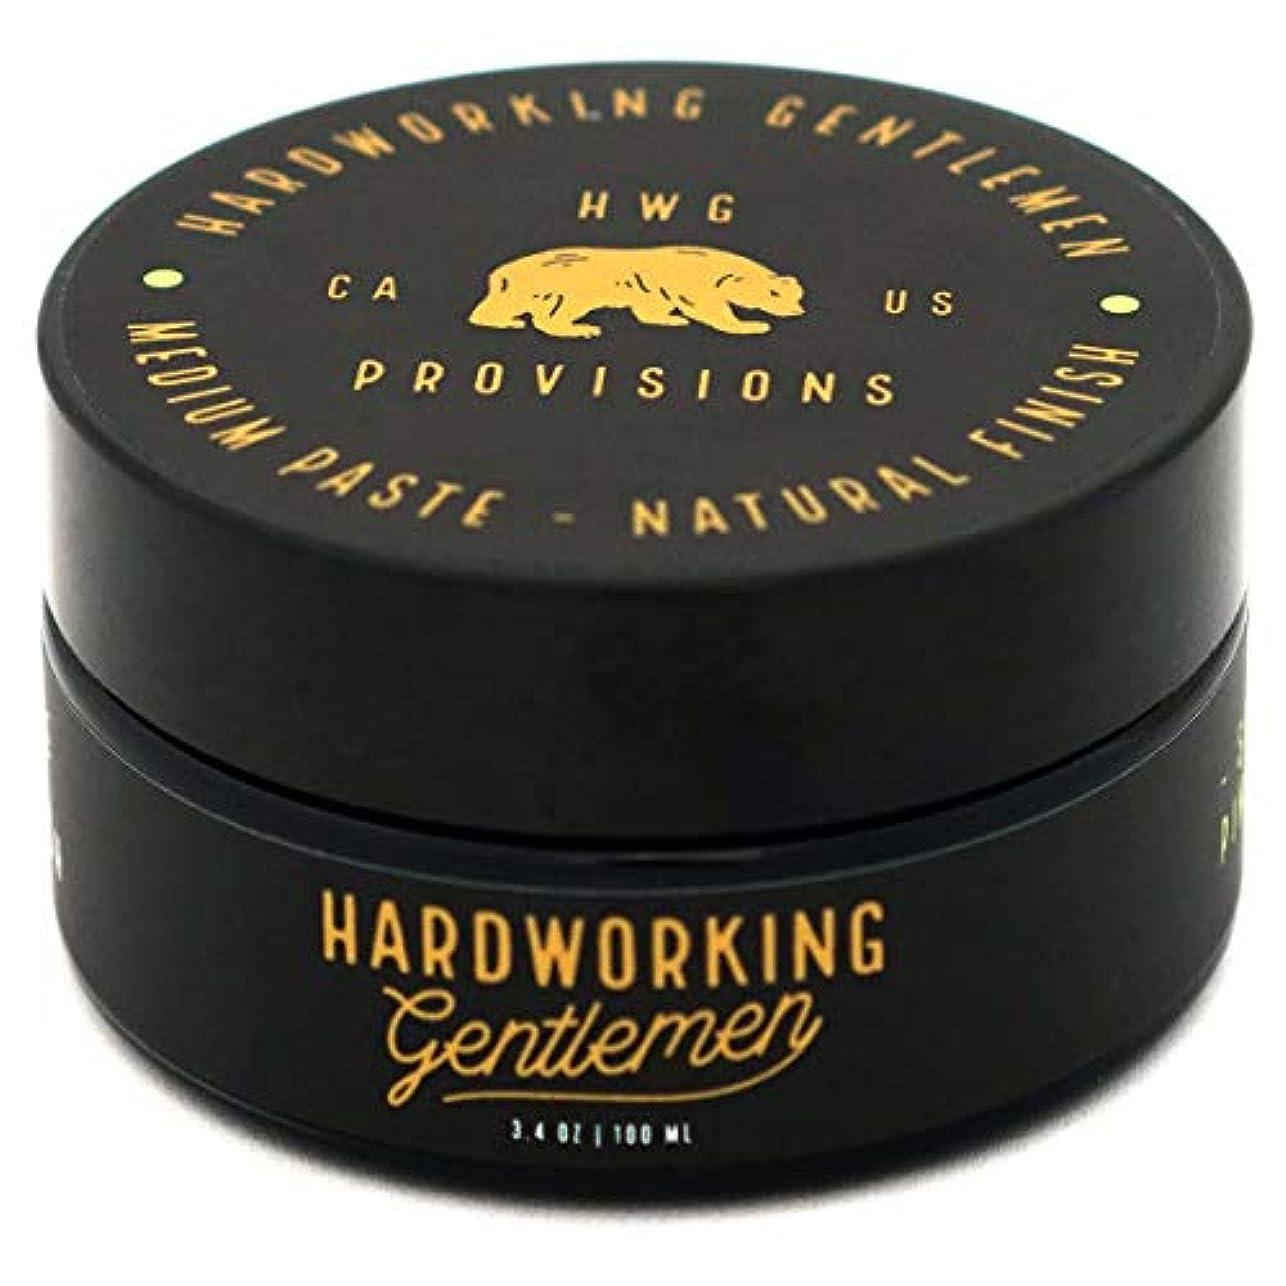 火傷陰謀裕福なHardworking Gentlemen (ハードワーキング ジェントルメン) Medium Paste ヘアワックス 100ml 天然成分 オーガニック